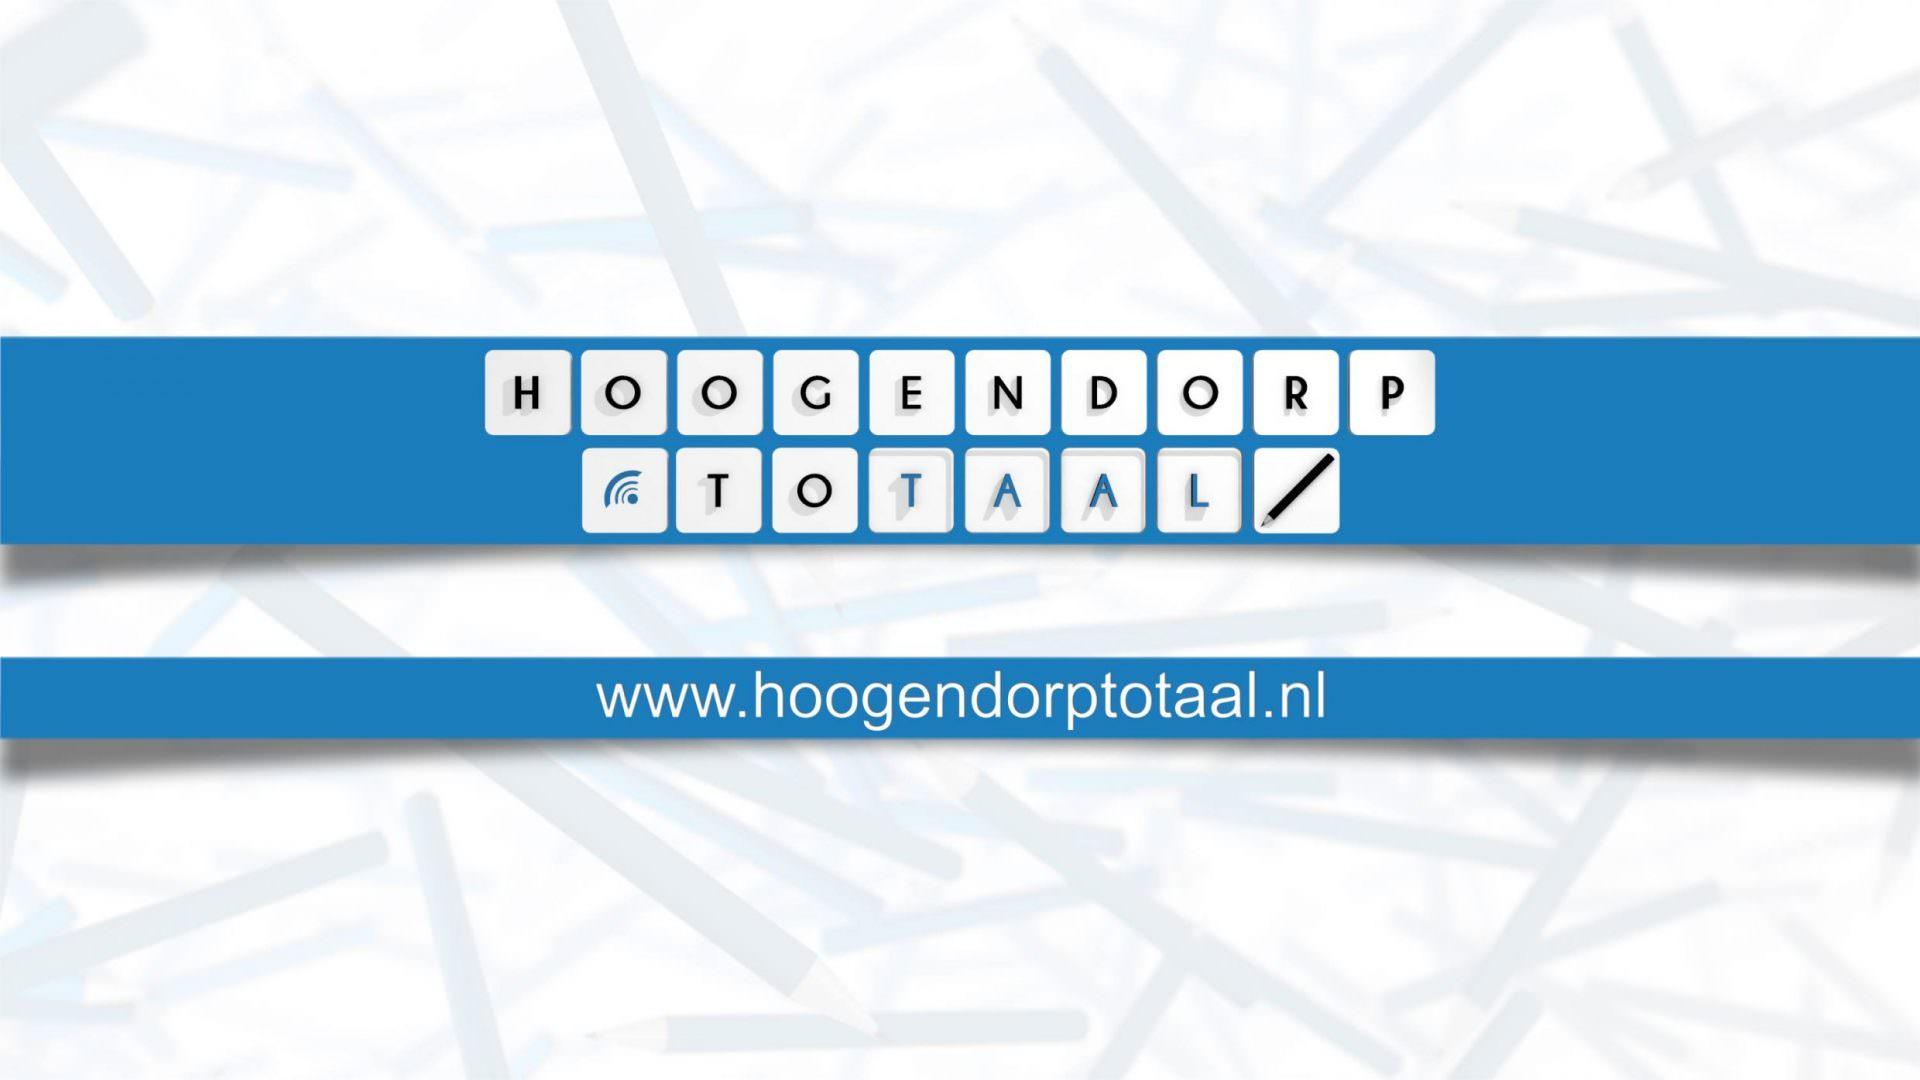 Hoogendorp toTAAL